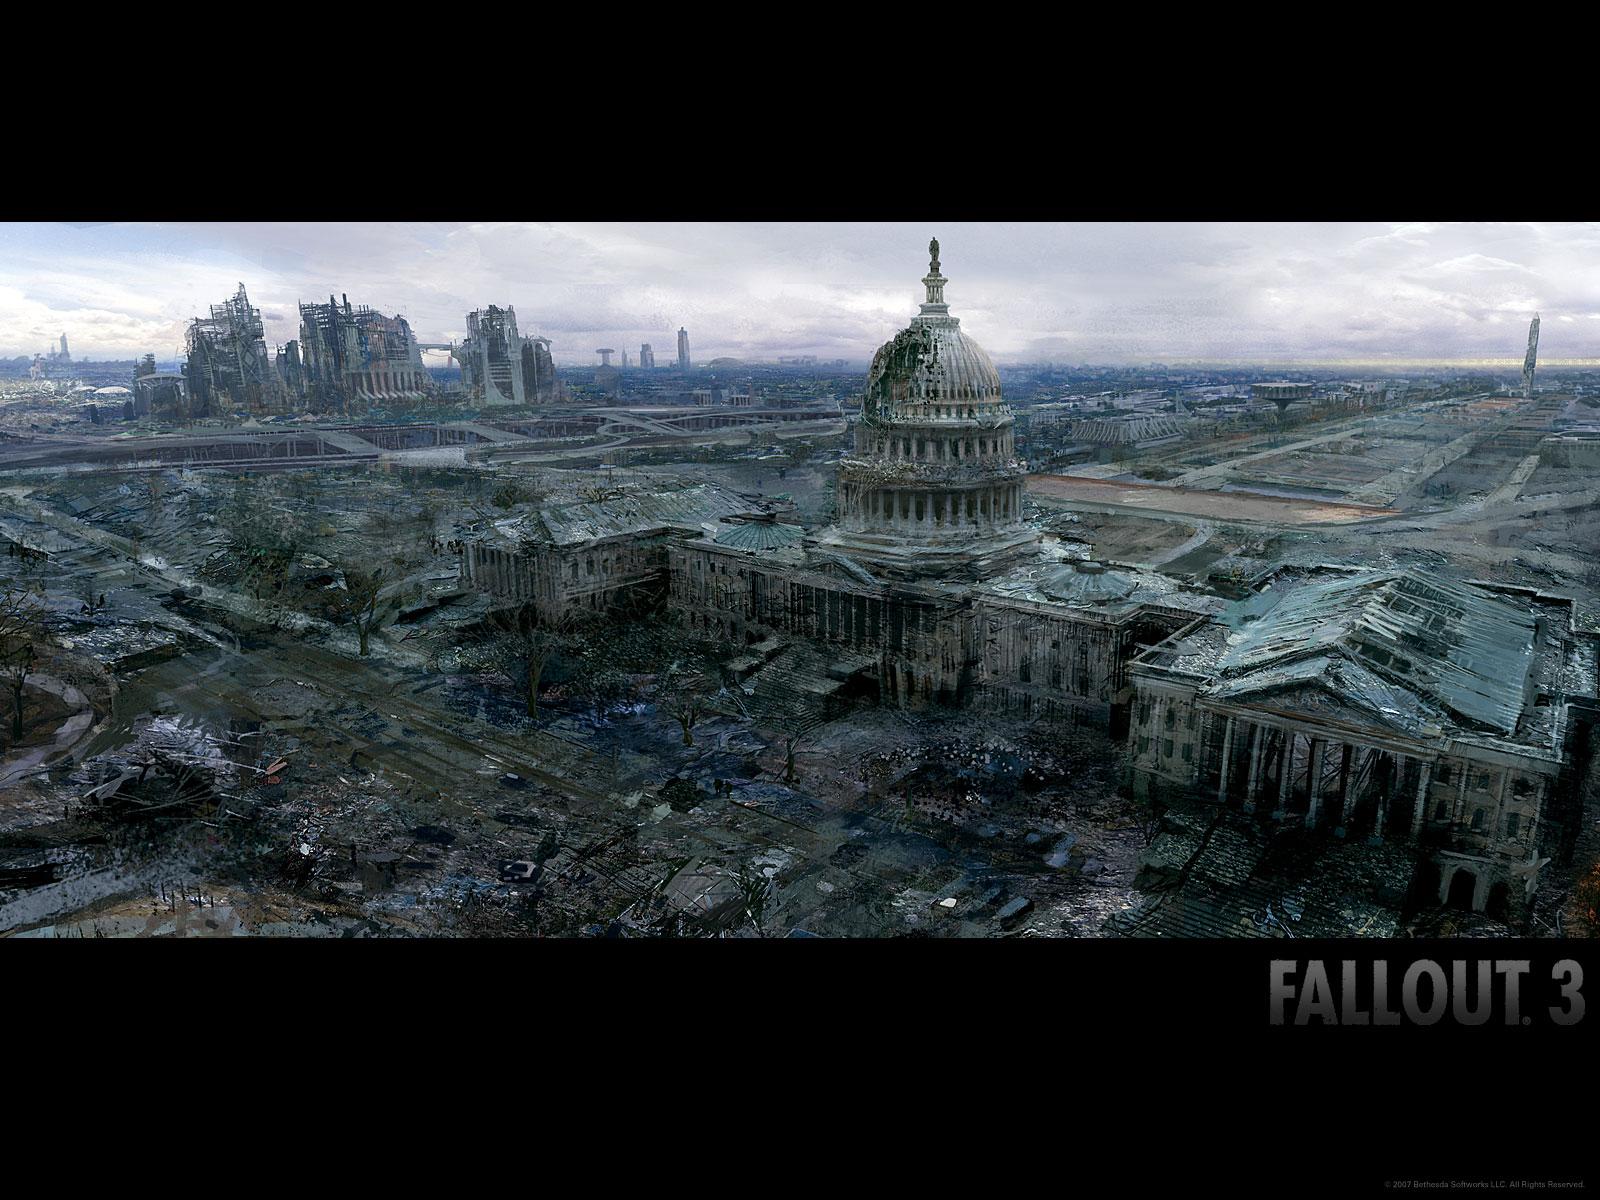 fallout-wp1-1600×1200.jpg